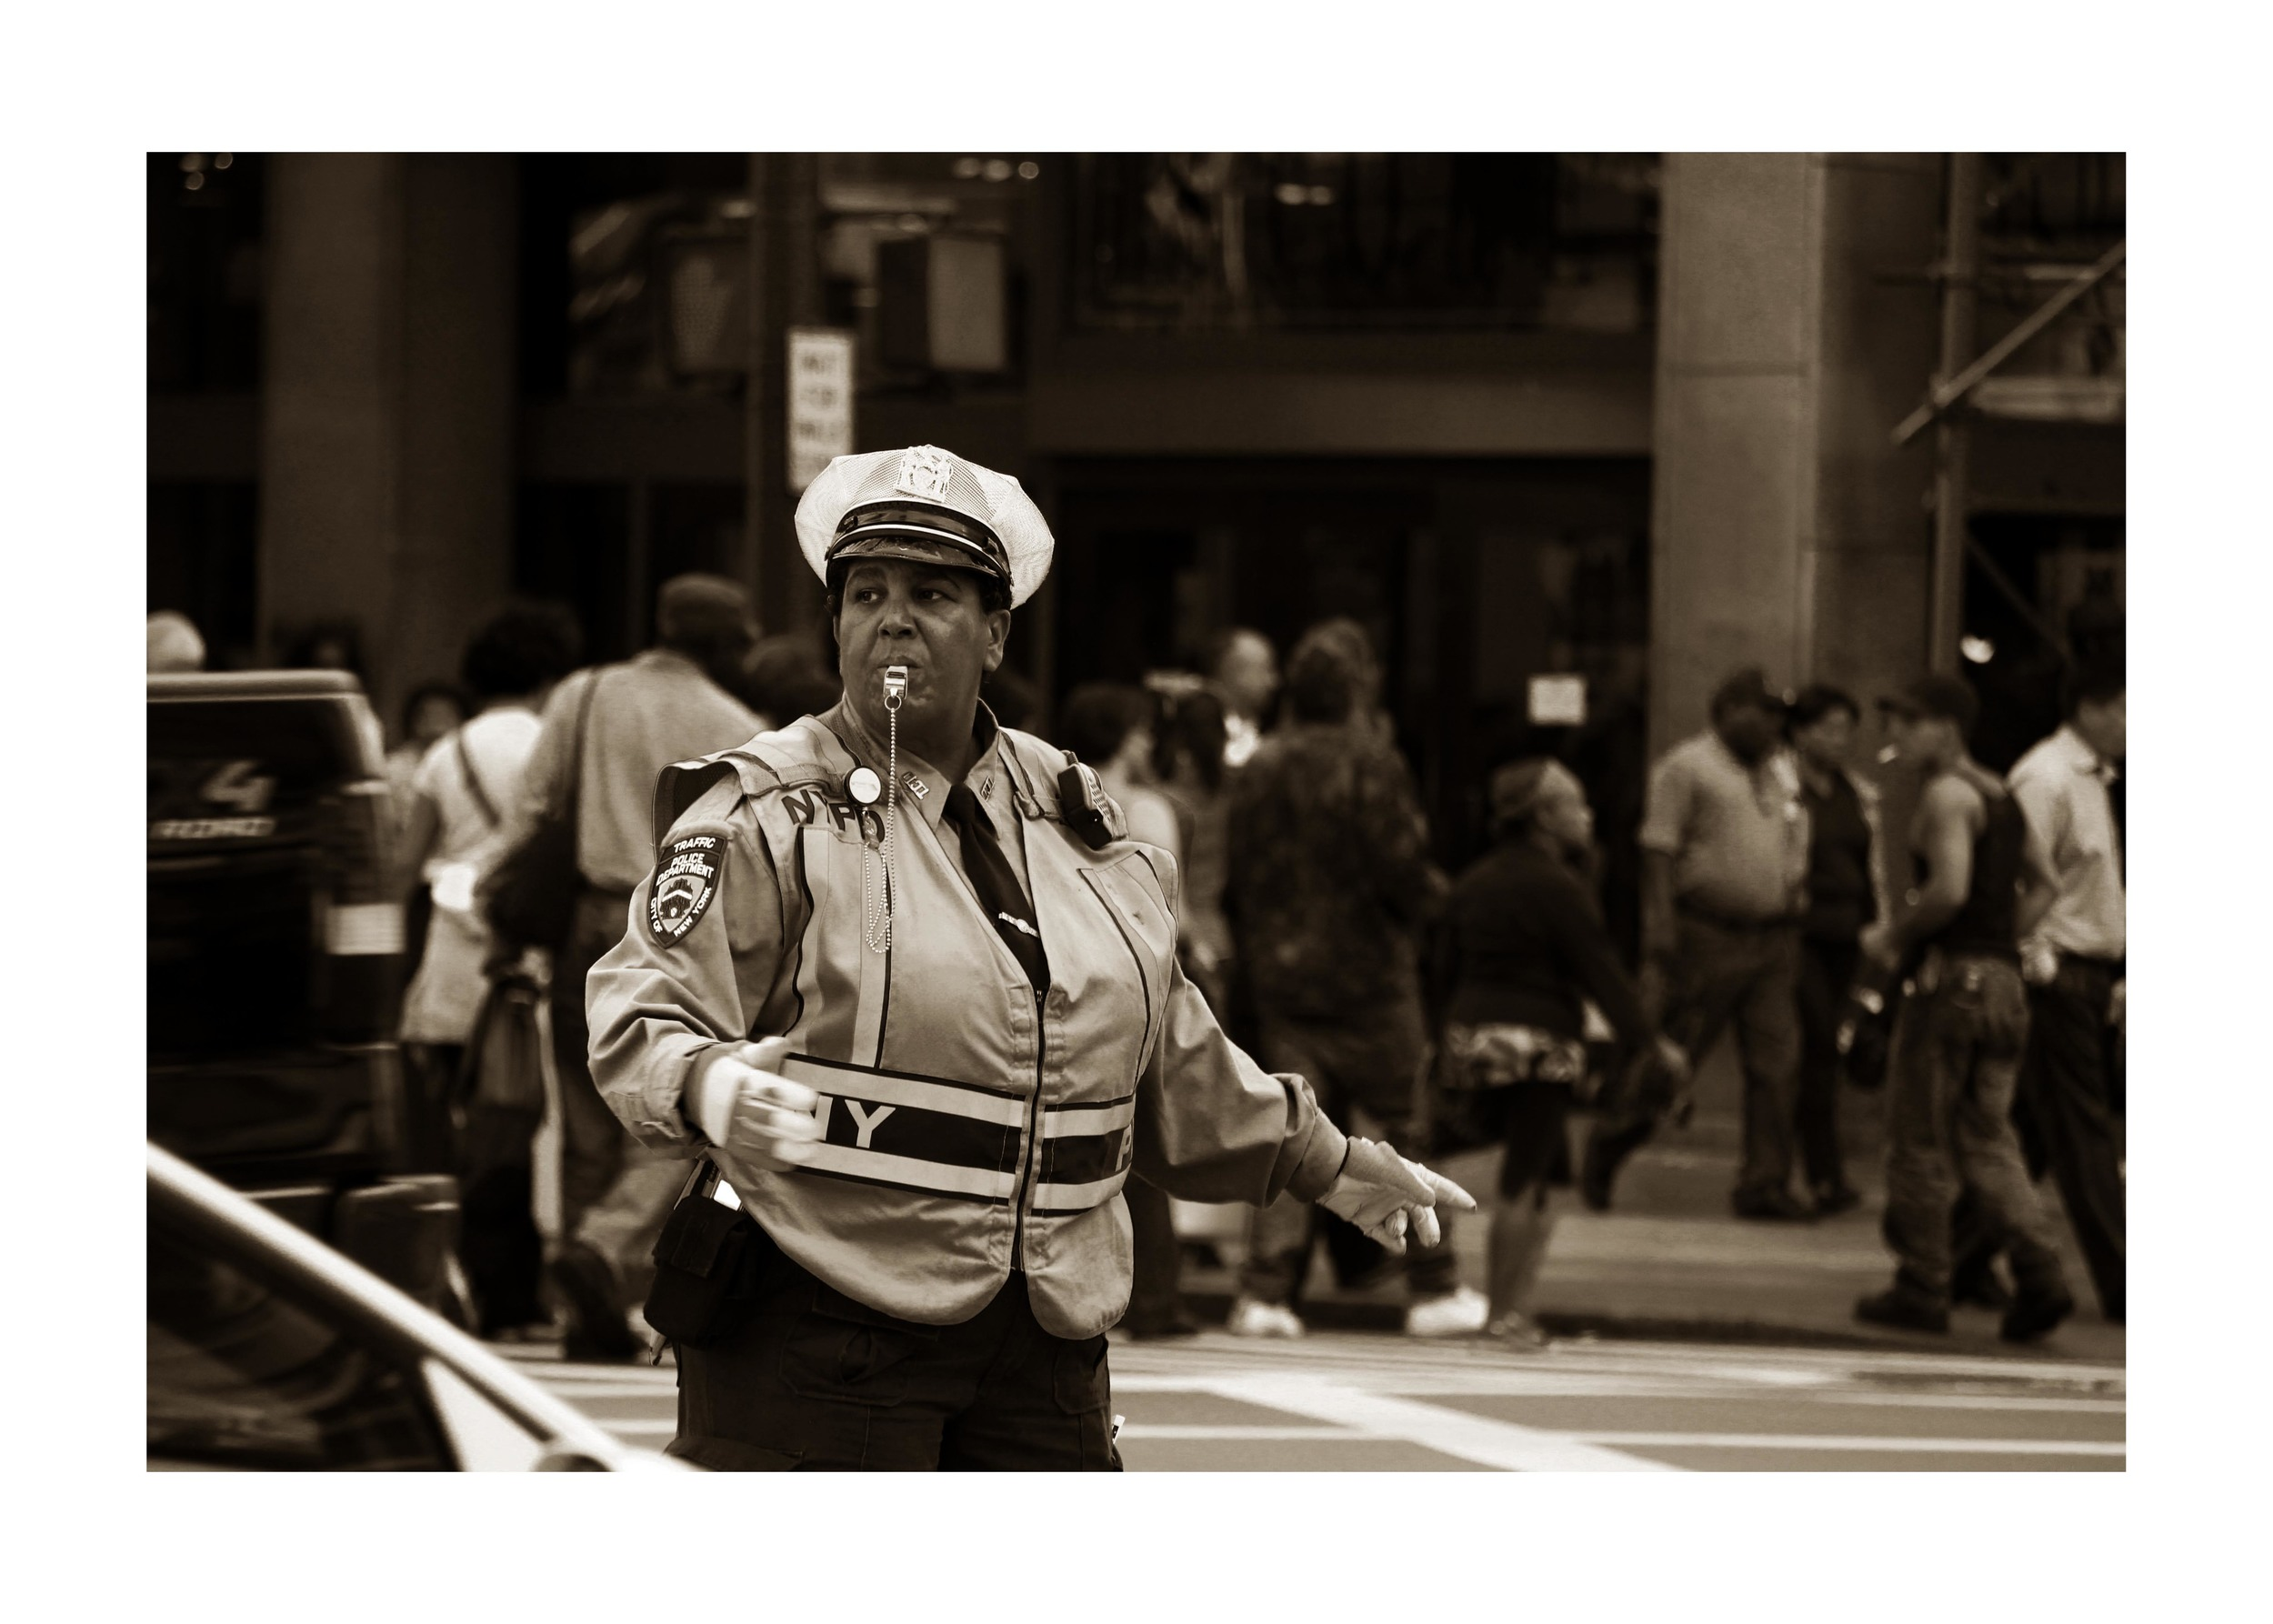 NYPD_2 Kopie.jpg